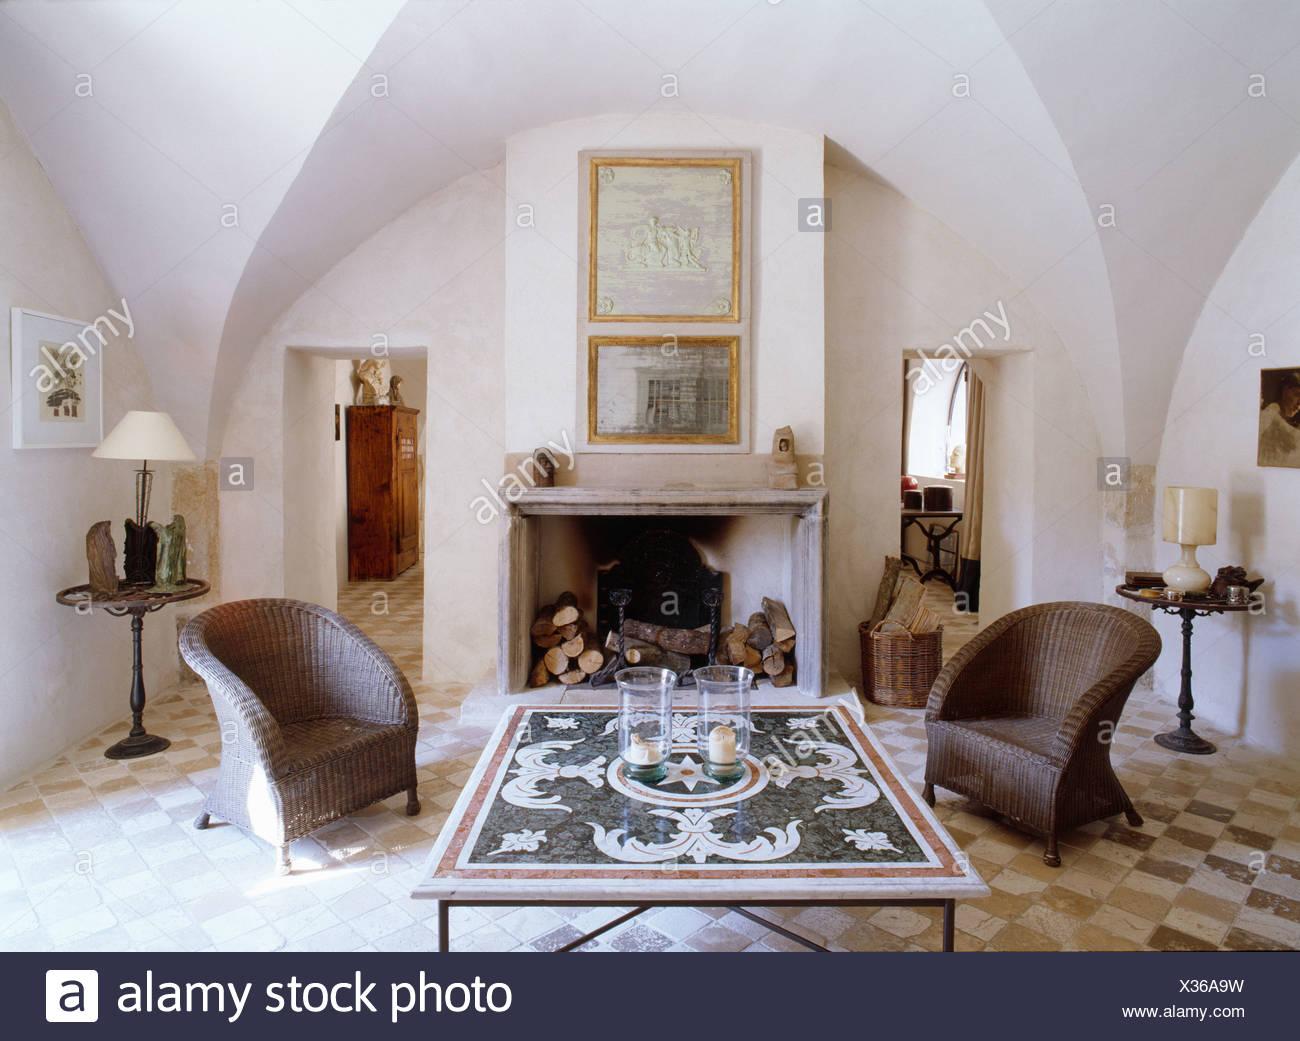 Coppia di sedie di vimini o lato del camino nel paese francese